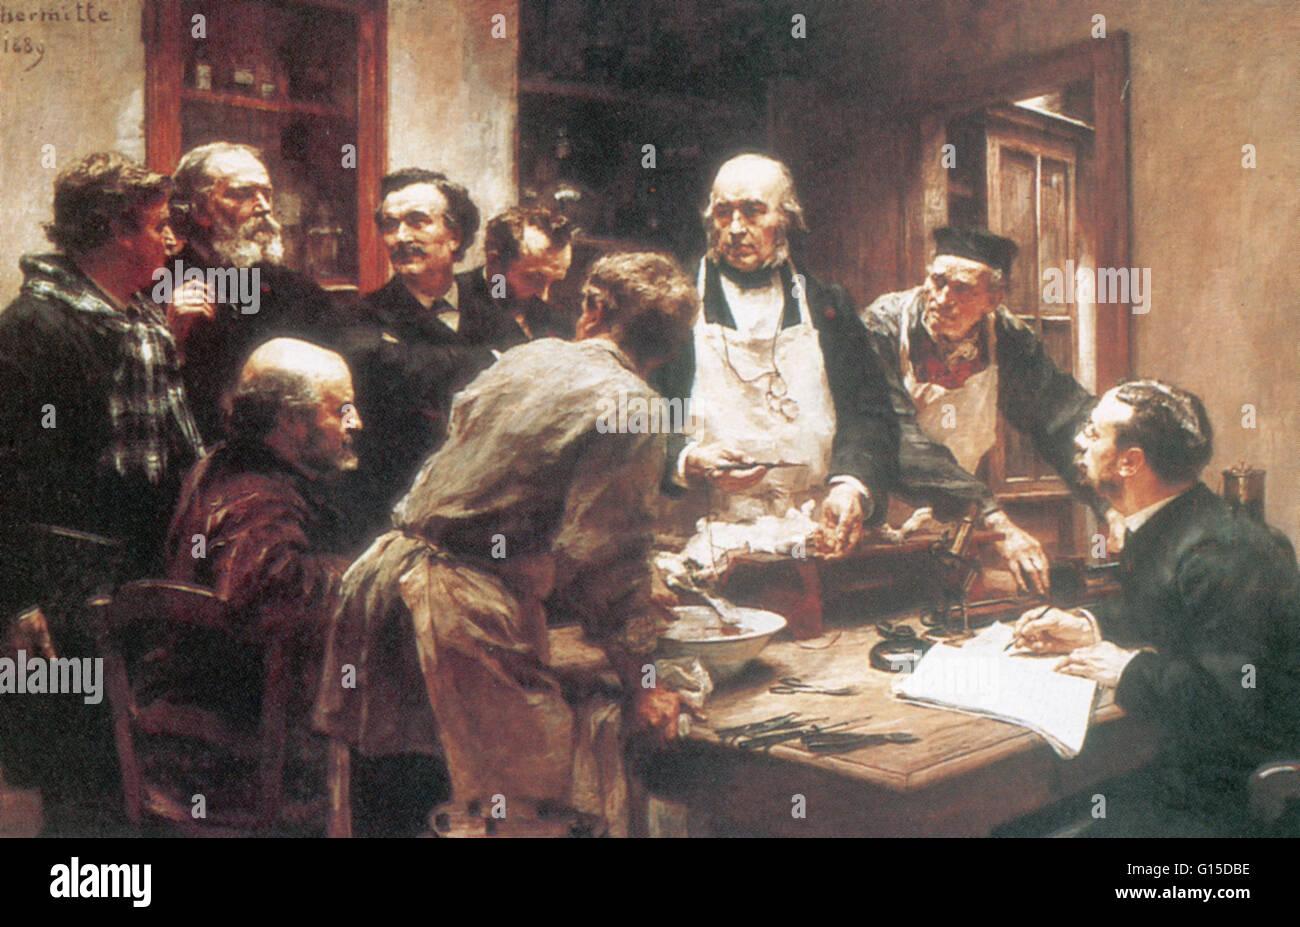 Claude Bernard zeigt ein Experiment für die Chemiker Henri Sainte-Claire Deville (sitzend auf der linken Seite), Stockbild